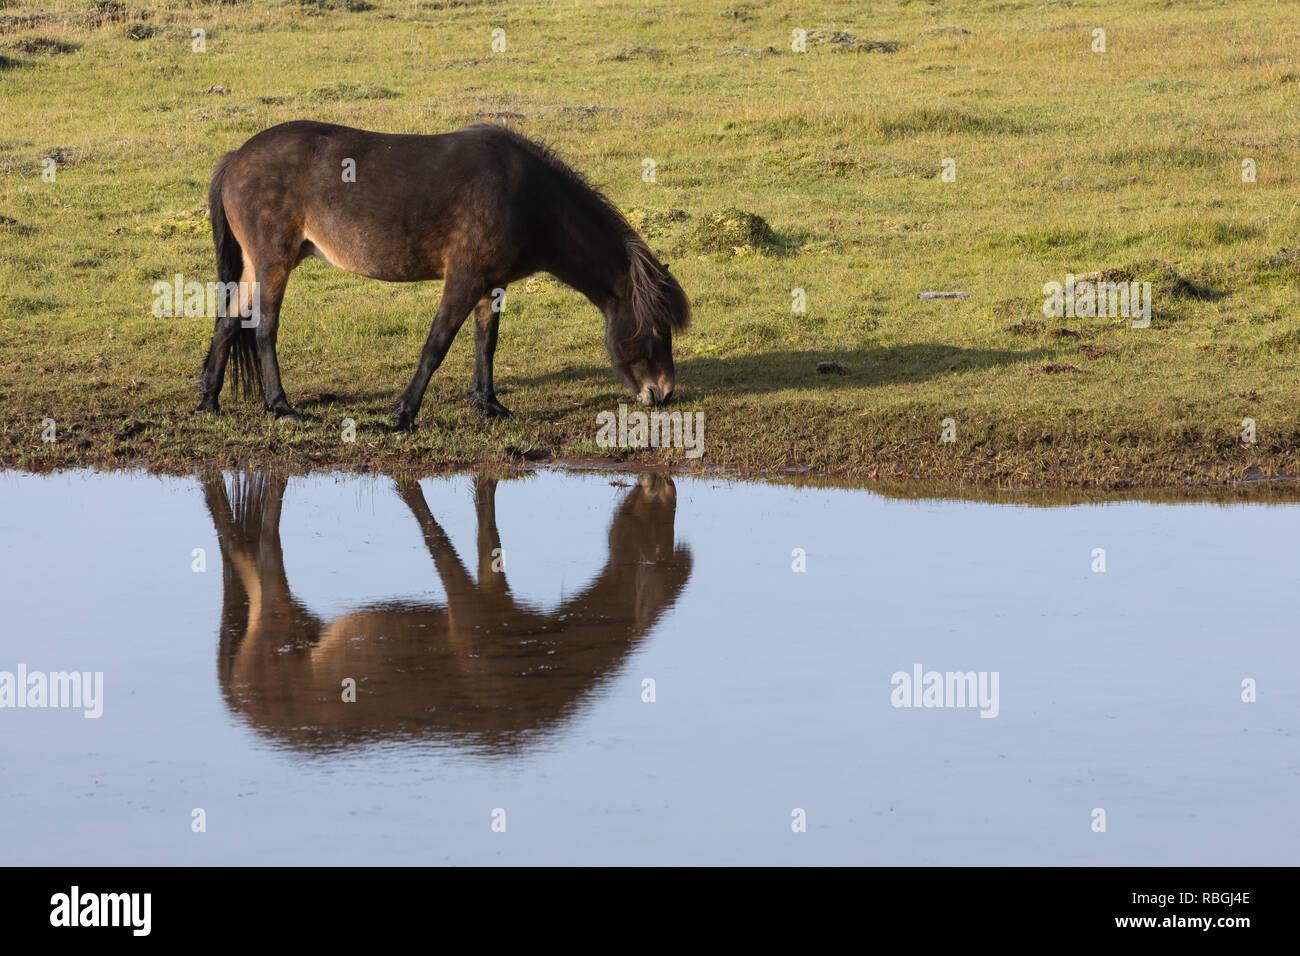 Islandpferd, Isländer, Islandpony, Island-Pferd, Isländer, Island-Pony, Pony, Ponies, Wasserspiegelung, Spiegelung, auf Island, Icelandic horse, Icela - Stock Image